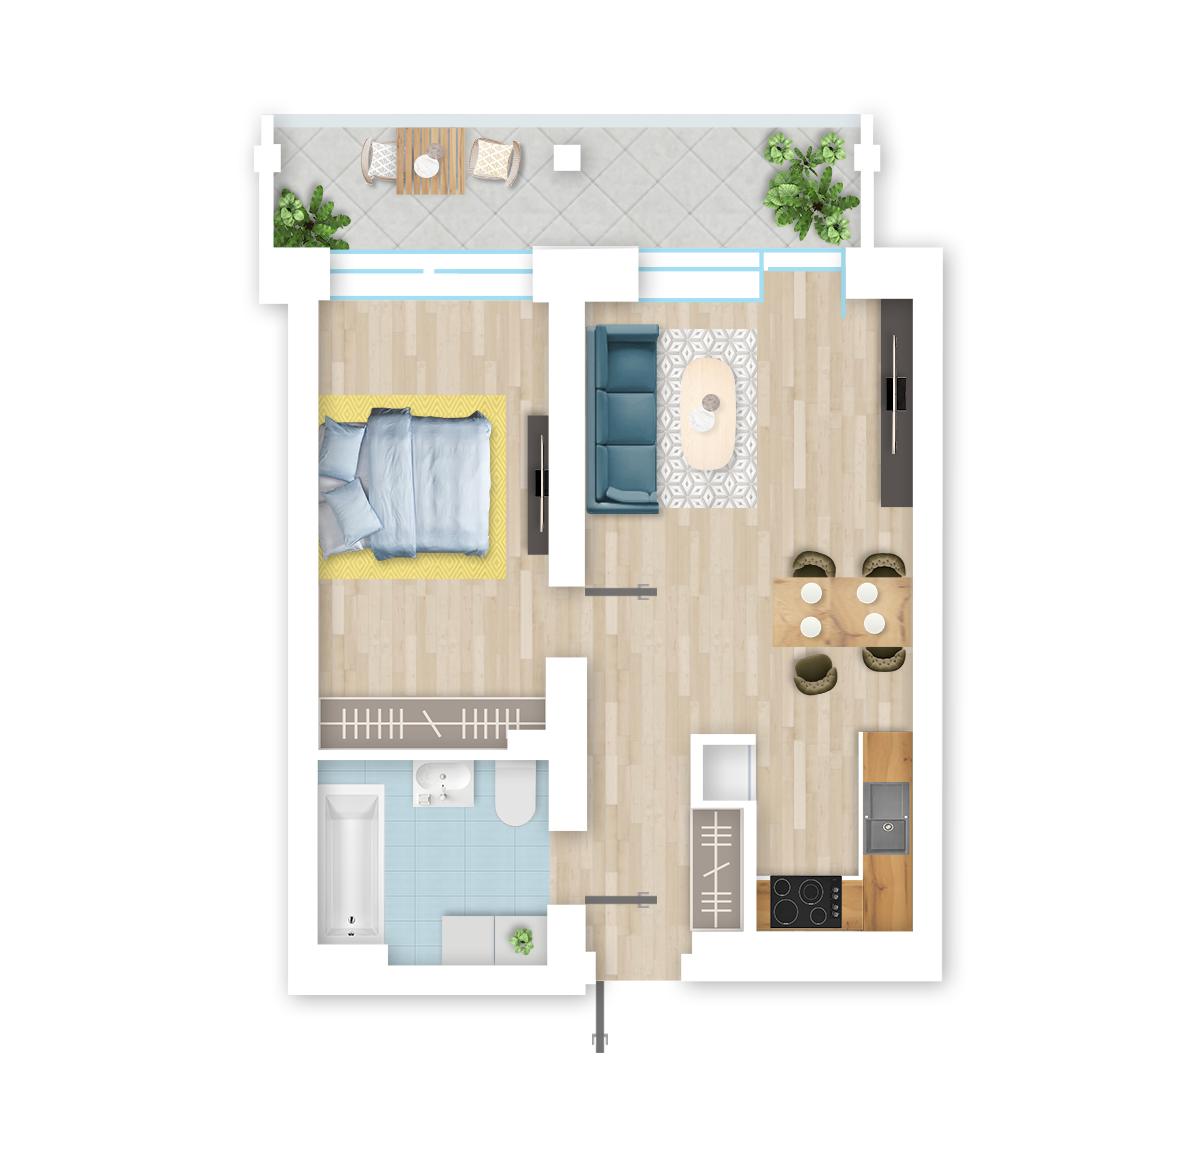 parduodamas butas Lazdynėlių g. 18 - 36 Vilniuje, buto 3D vaizdas